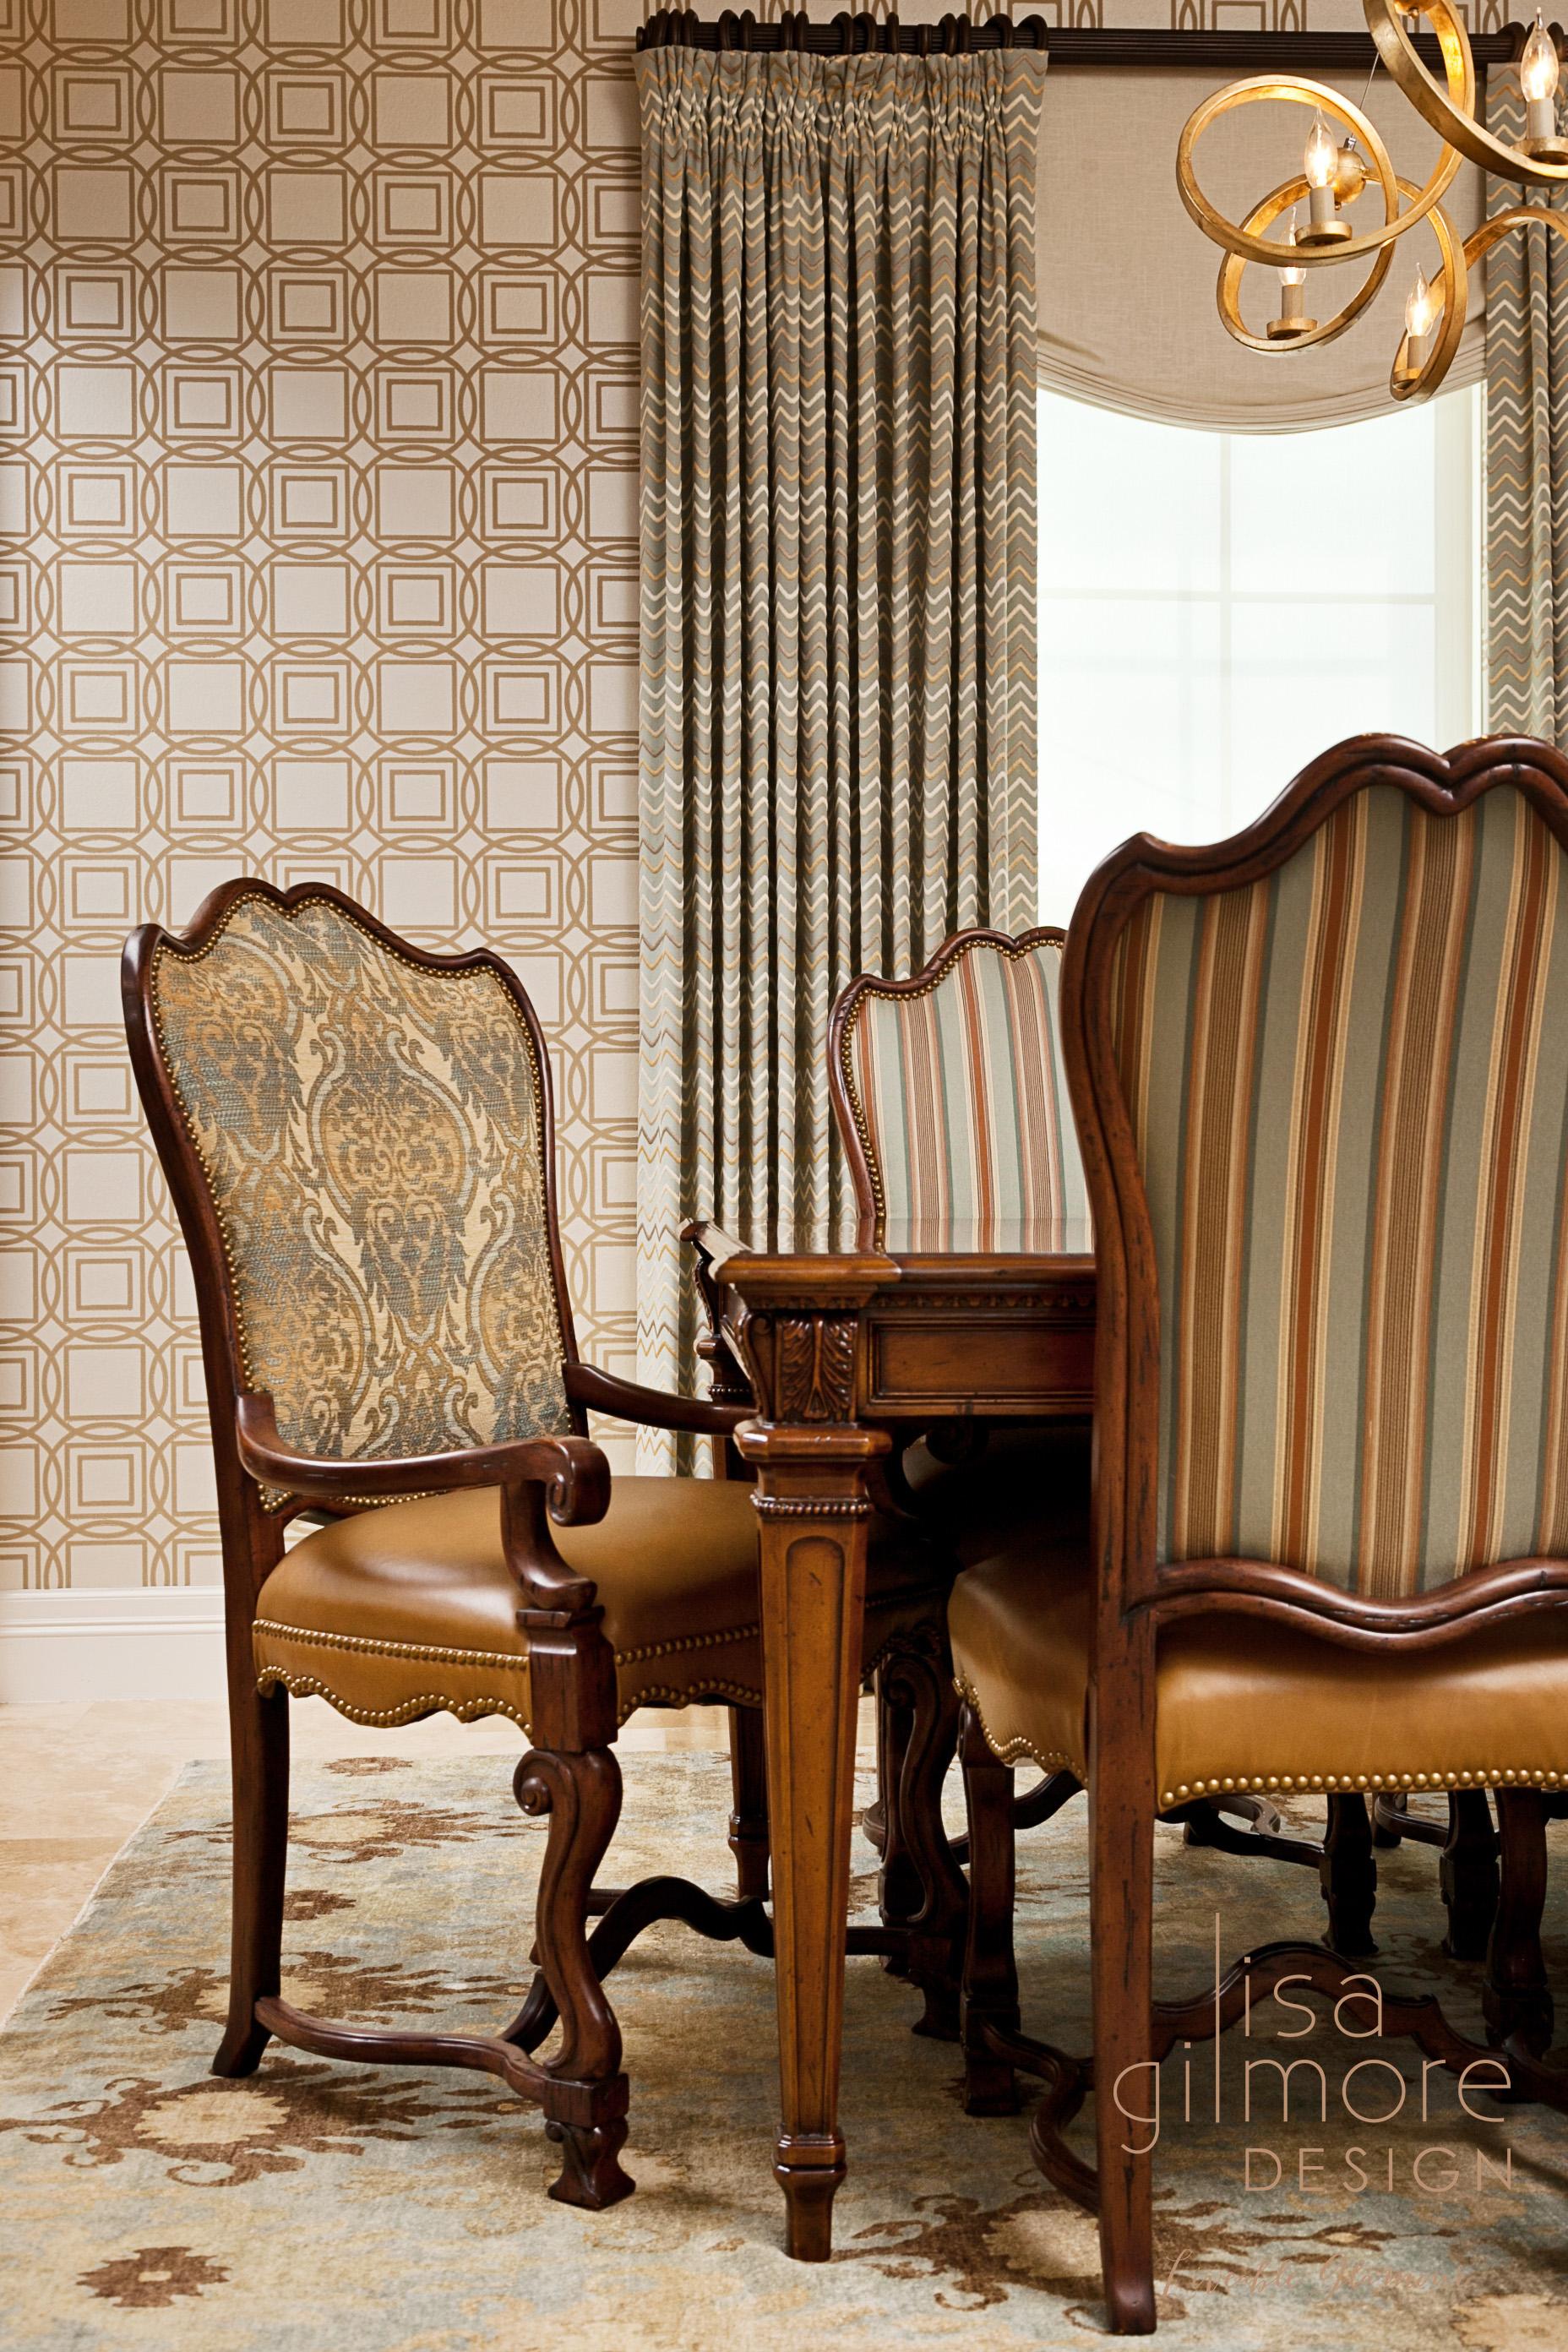 Transitional_diningroom_wallpaper8logo.jpg